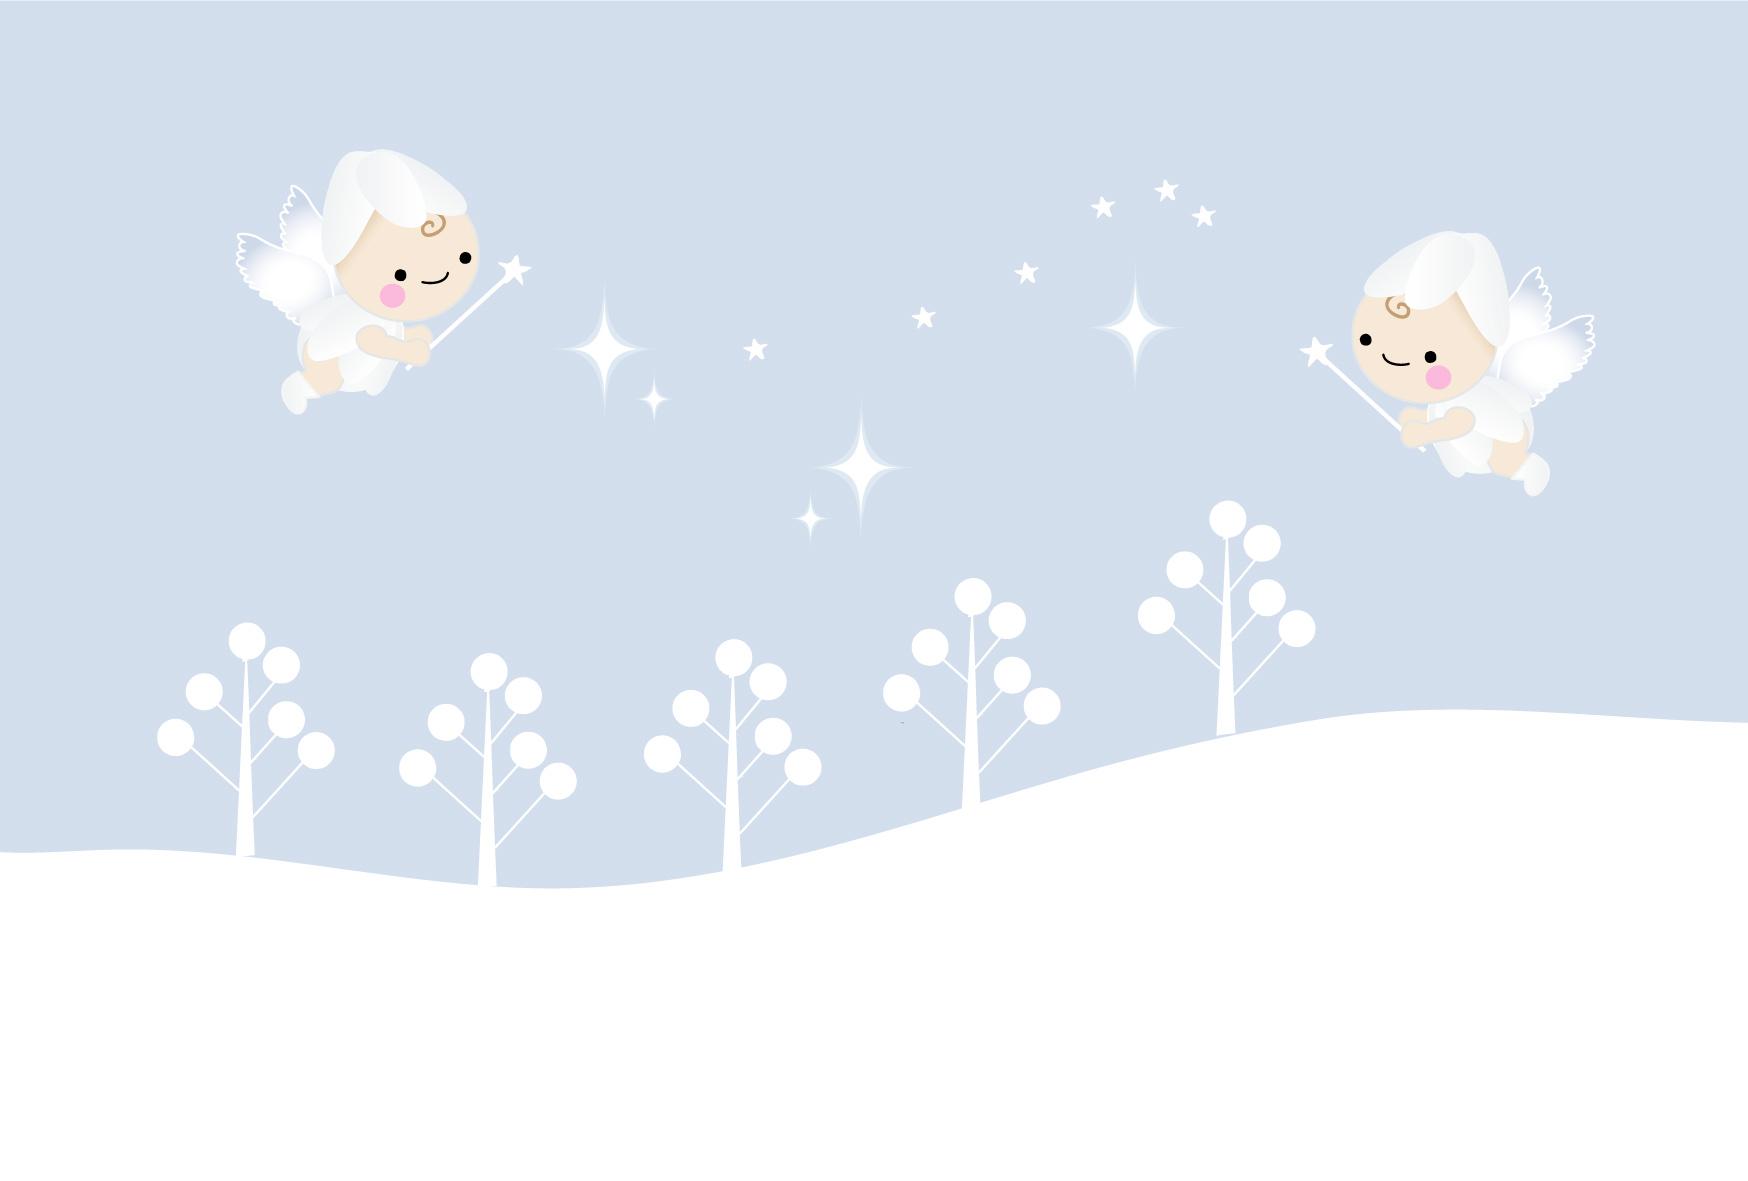 デザインはがきテンプレート無料素材・冬の妖精